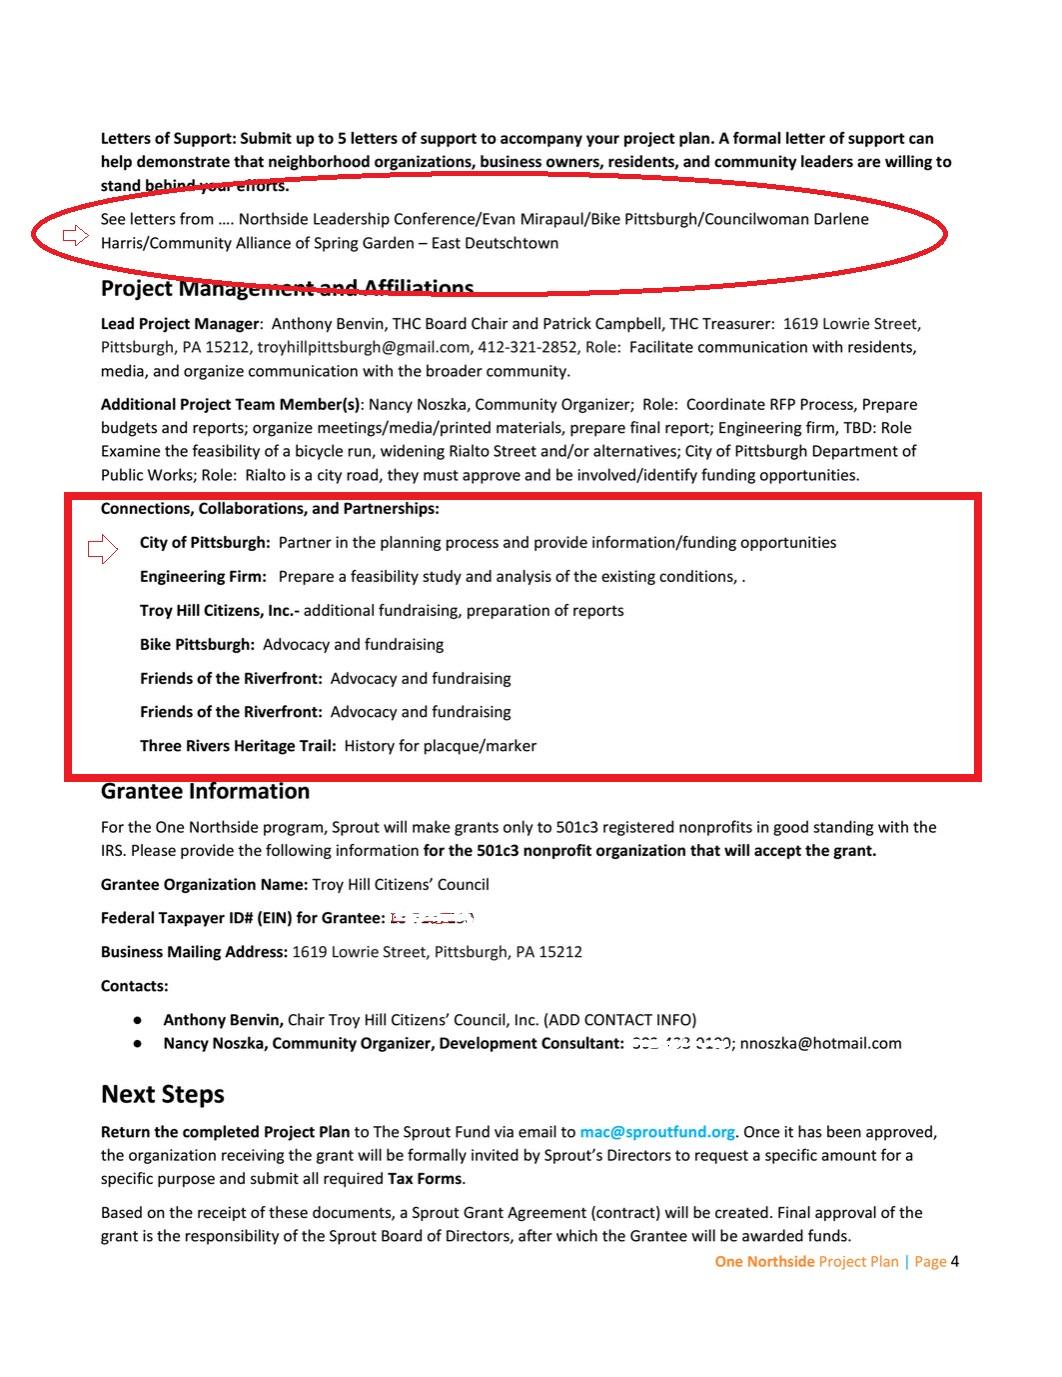 project description page 2